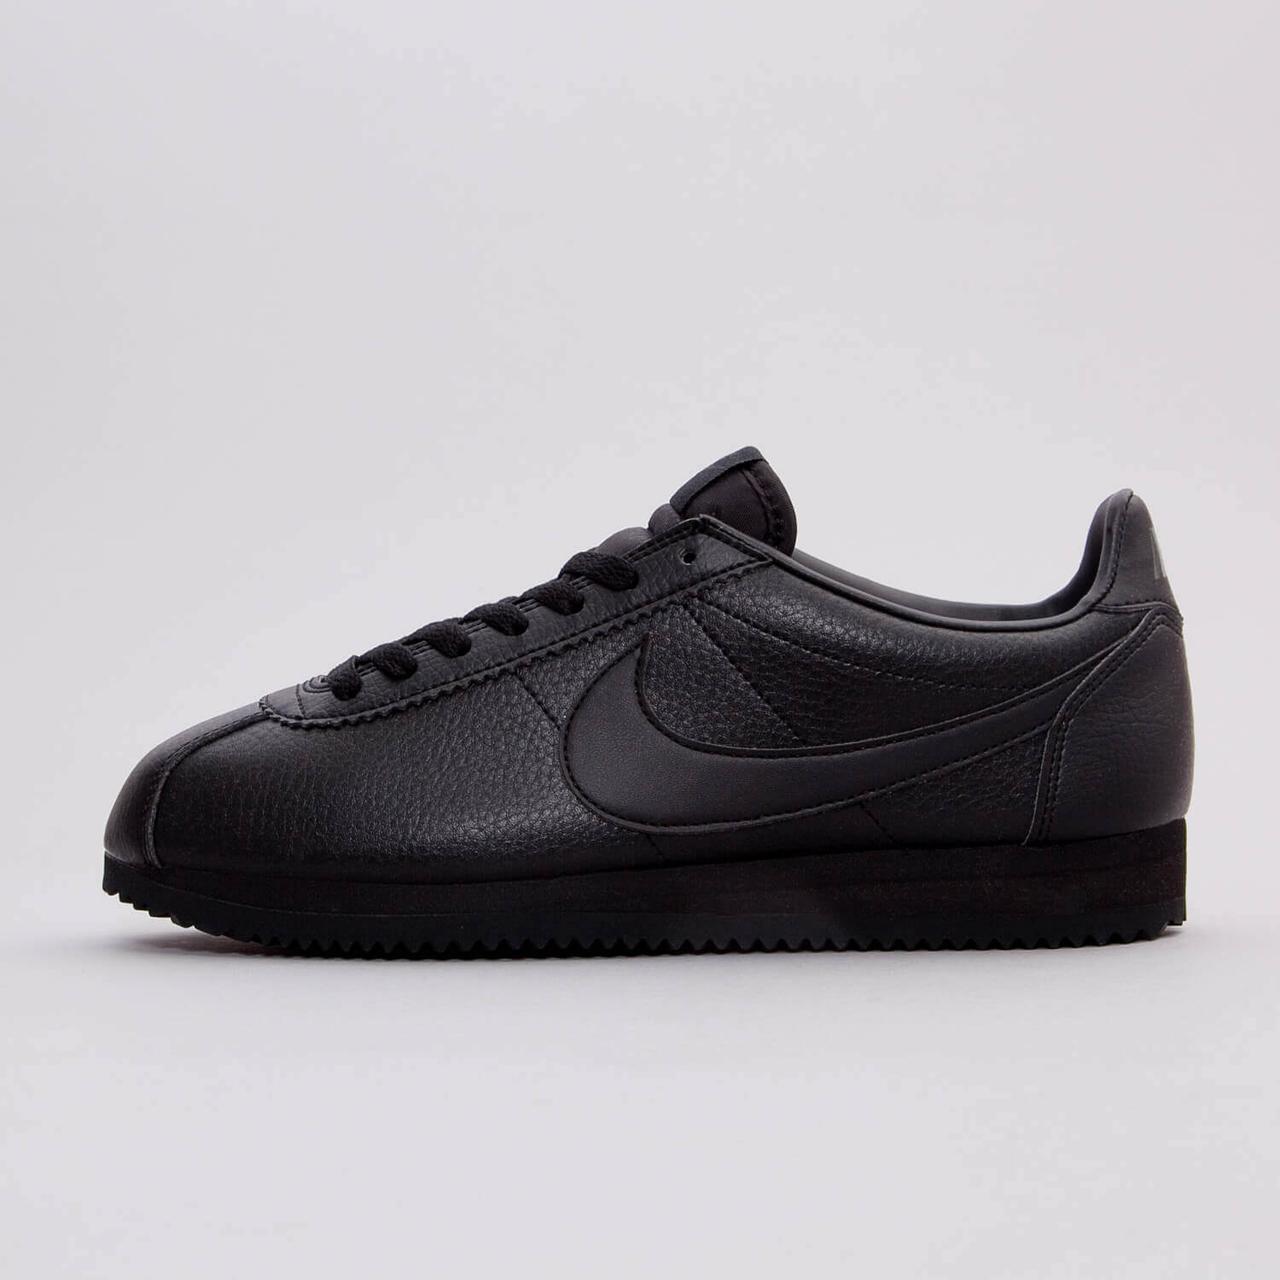 8364712b Мужские кроссовки Nike Classic Cortez Leather 749571-002 -  Parallel-Brandshop. Оригинальная обувь